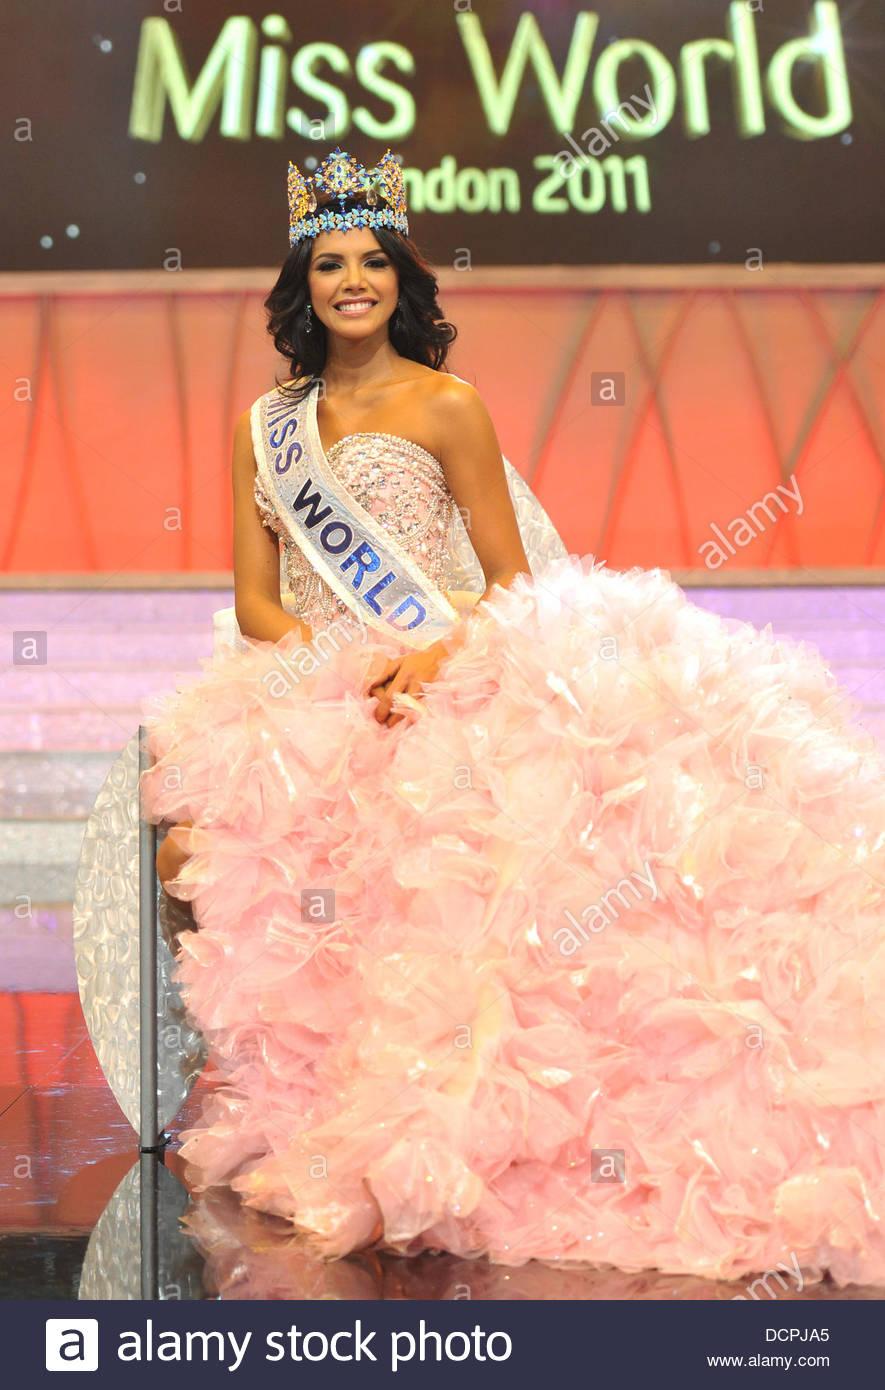 ivian sarcos, miss world 2011.  - Página 4 Miss-v46